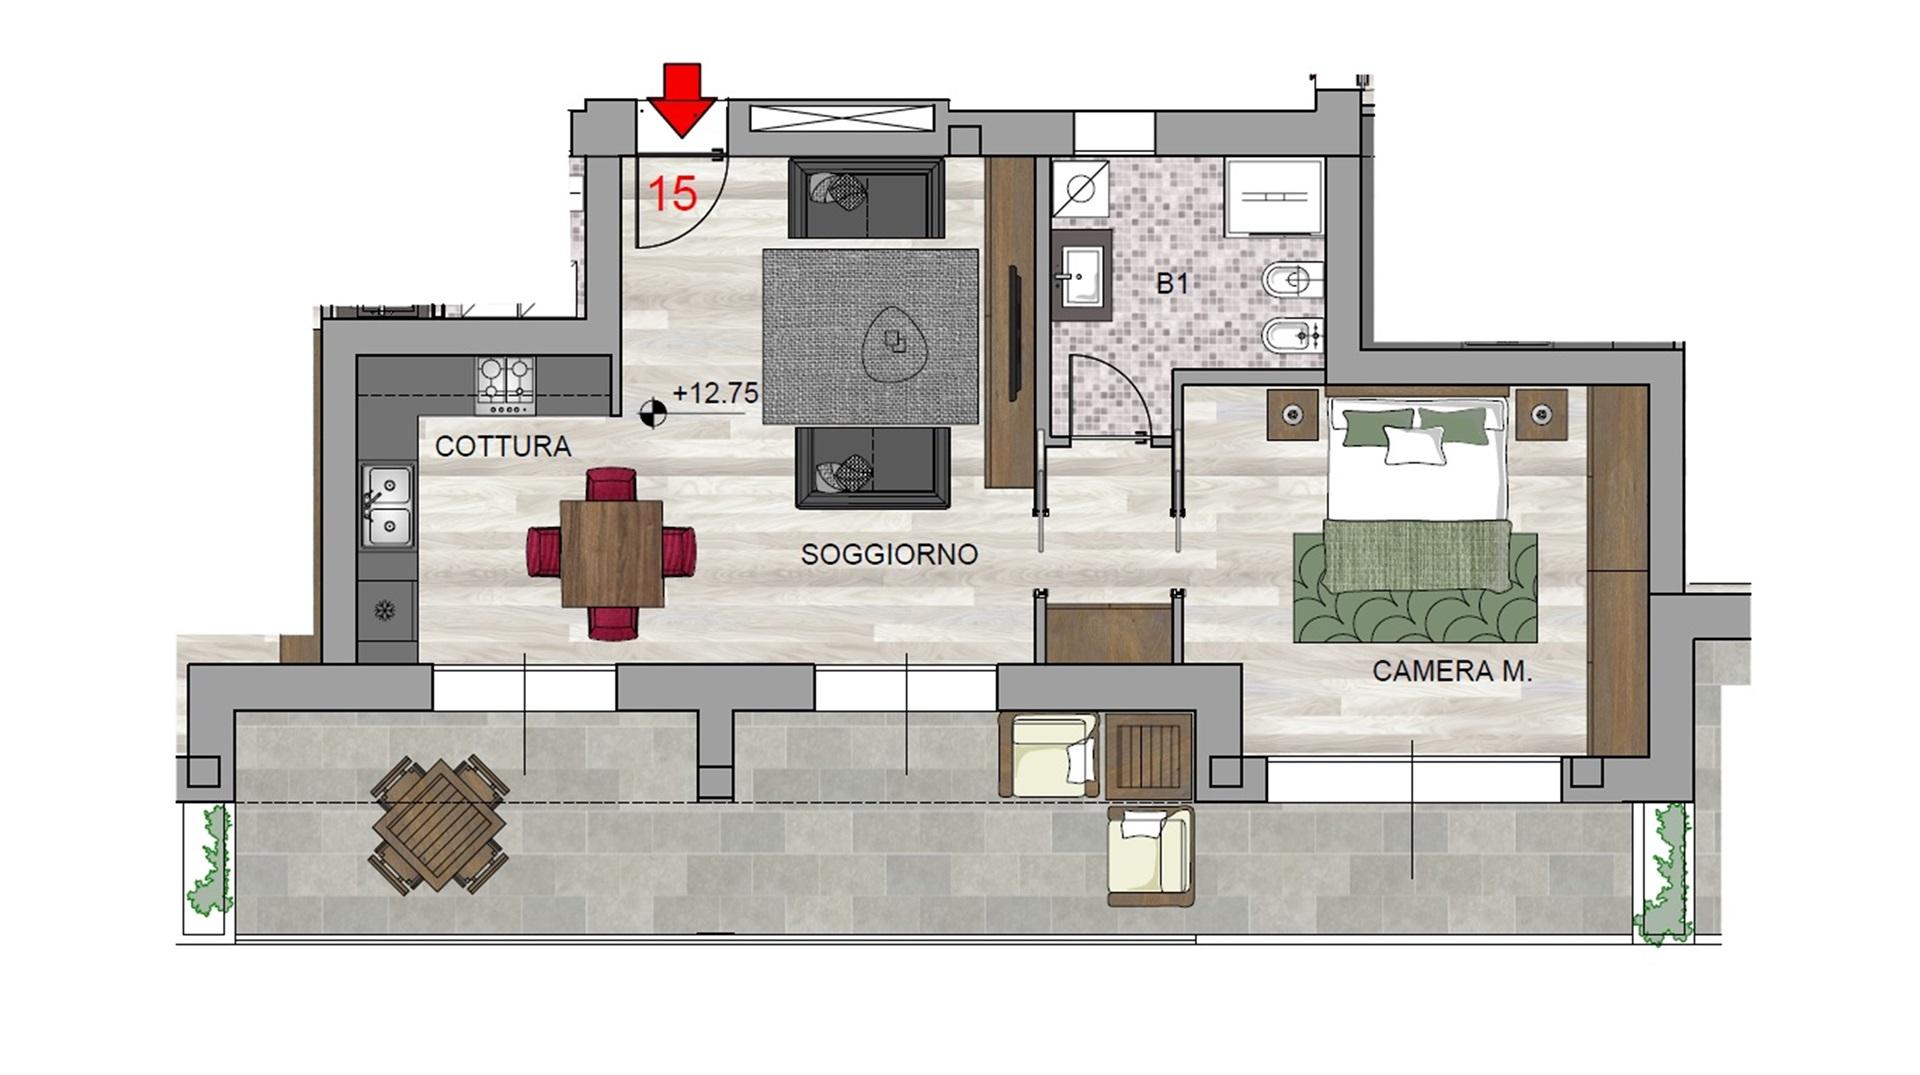 Bilocale n°15 Piano Quarto - Sup. Commerciale 87 mq - 230.000 (ultima disponibilità ultimo piano)